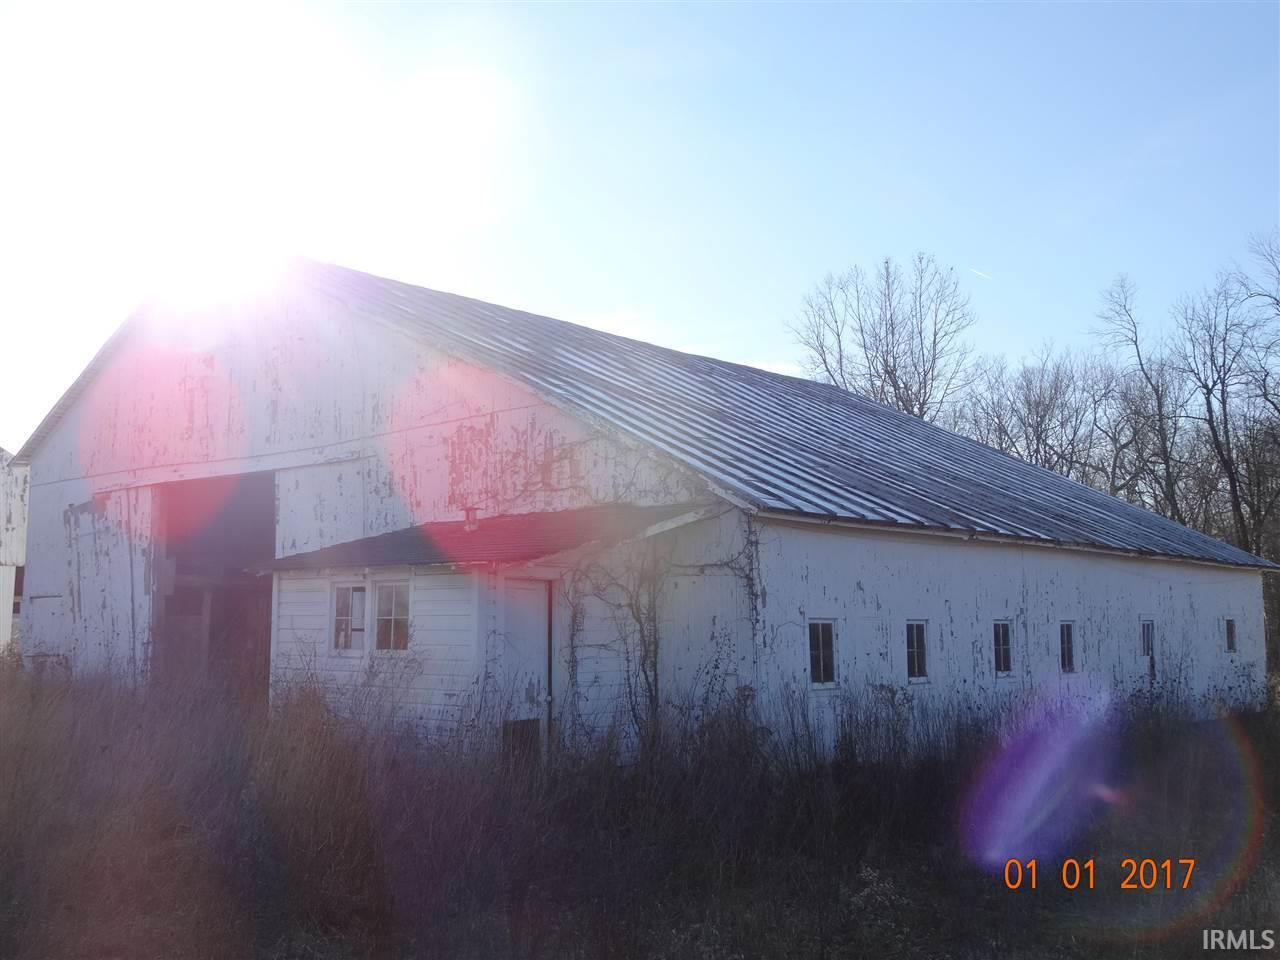 216 S County Road 400 E, Winchester, IN 47394